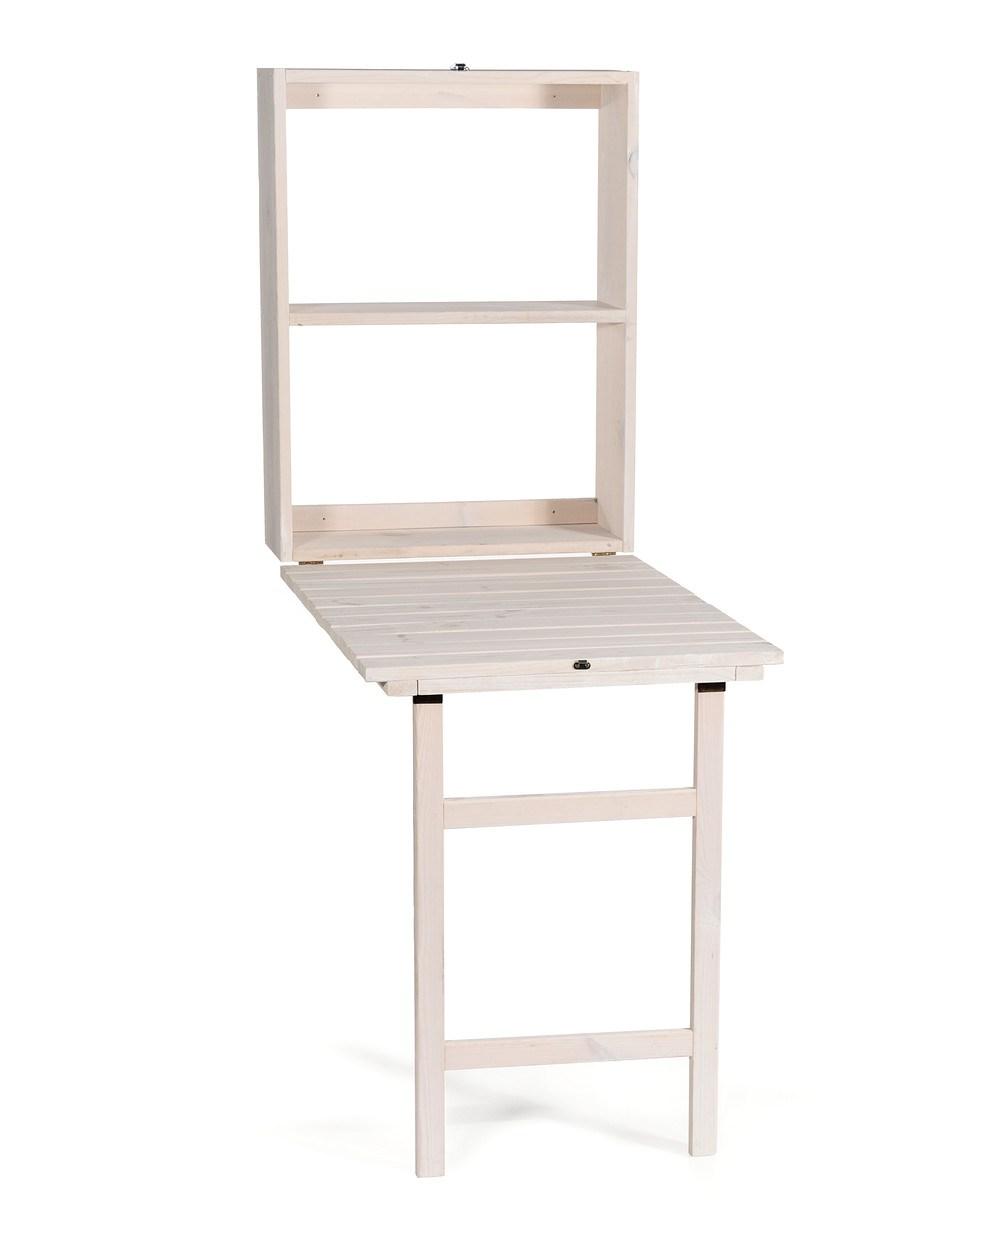 Wei klappbar balkon tisch klappbar wei with wei klappbar - Liegestuhle ikea ...